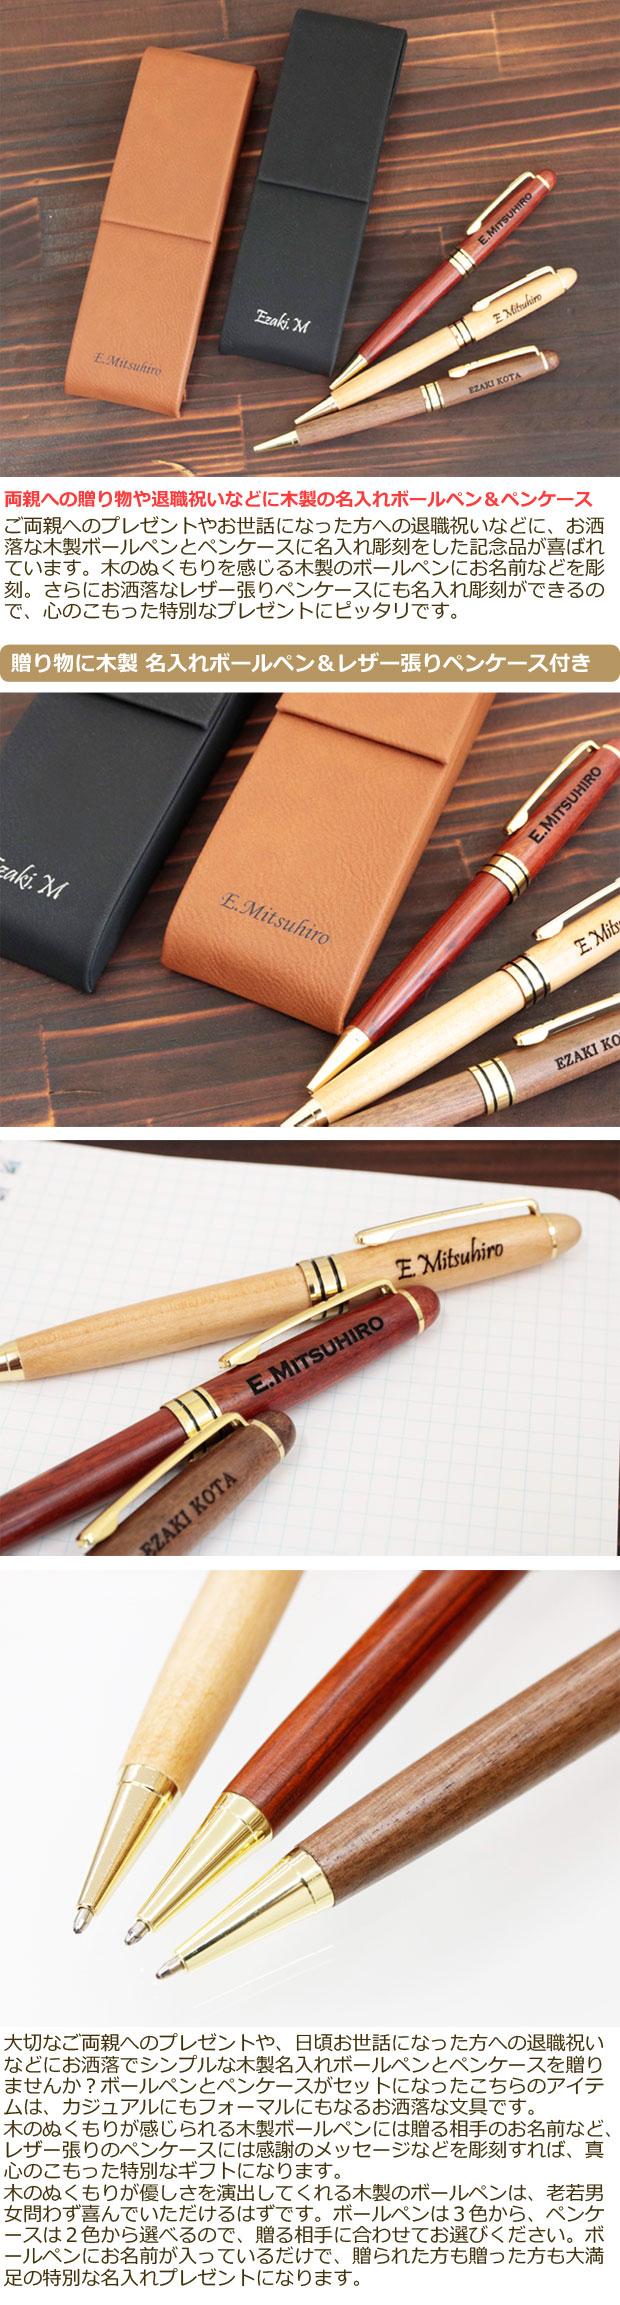 ご両親へのプレゼントやお世話になった方への退職祝いなどに、お洒落な木製ボールペンとペンケースに名入れ彫刻をした記念品。